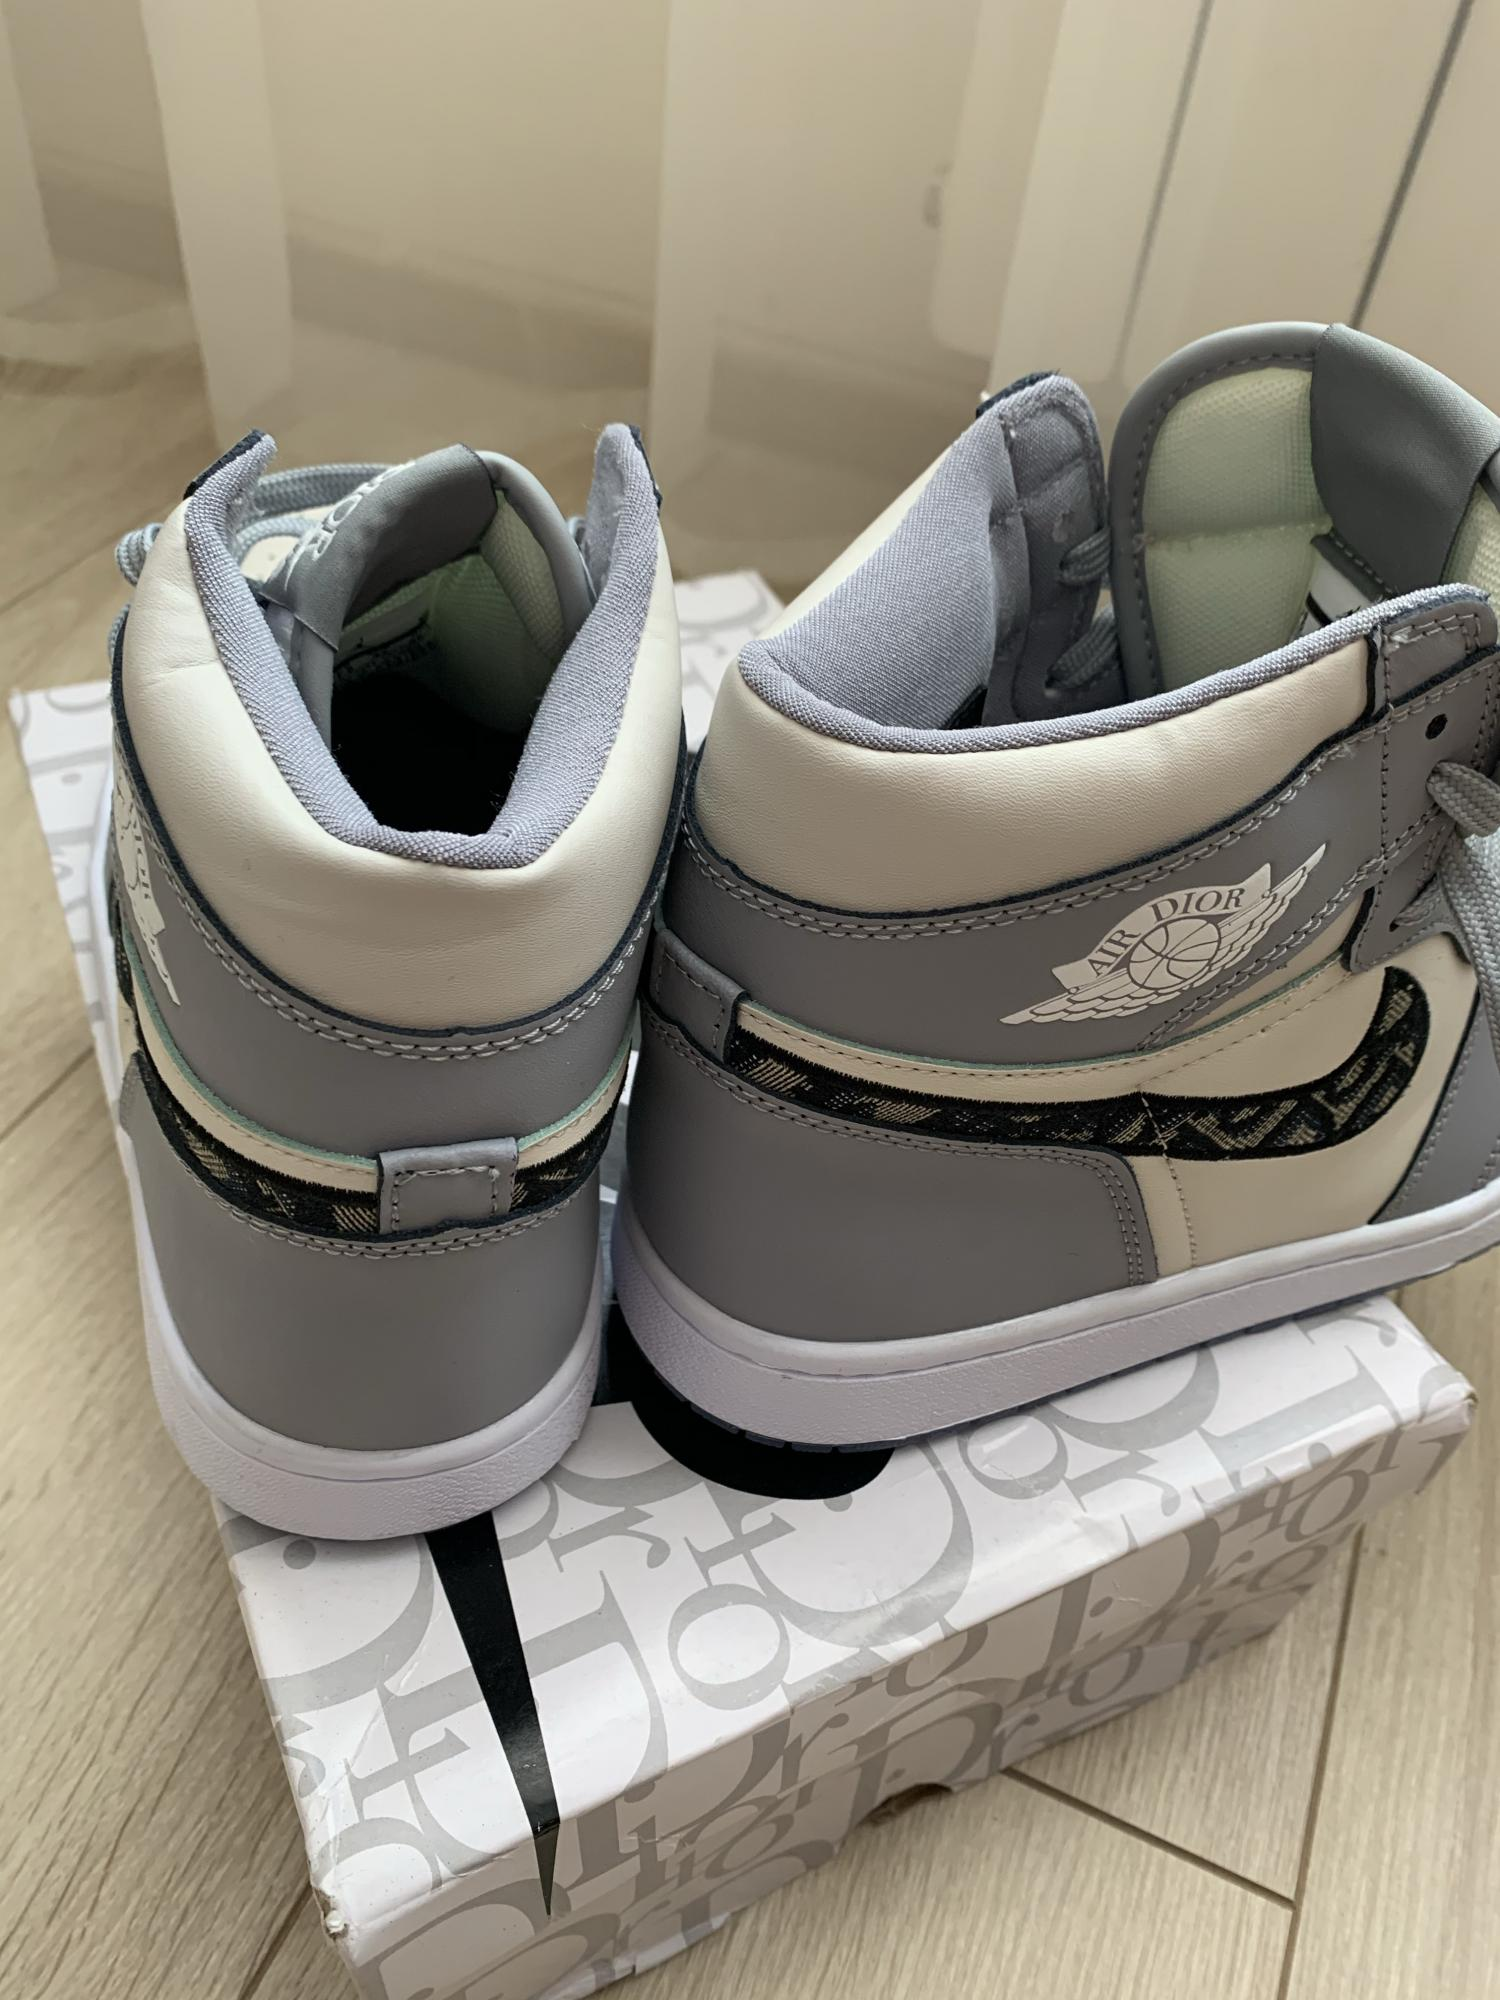 Новые кроссовки в Пензе 89022034577 купить 6